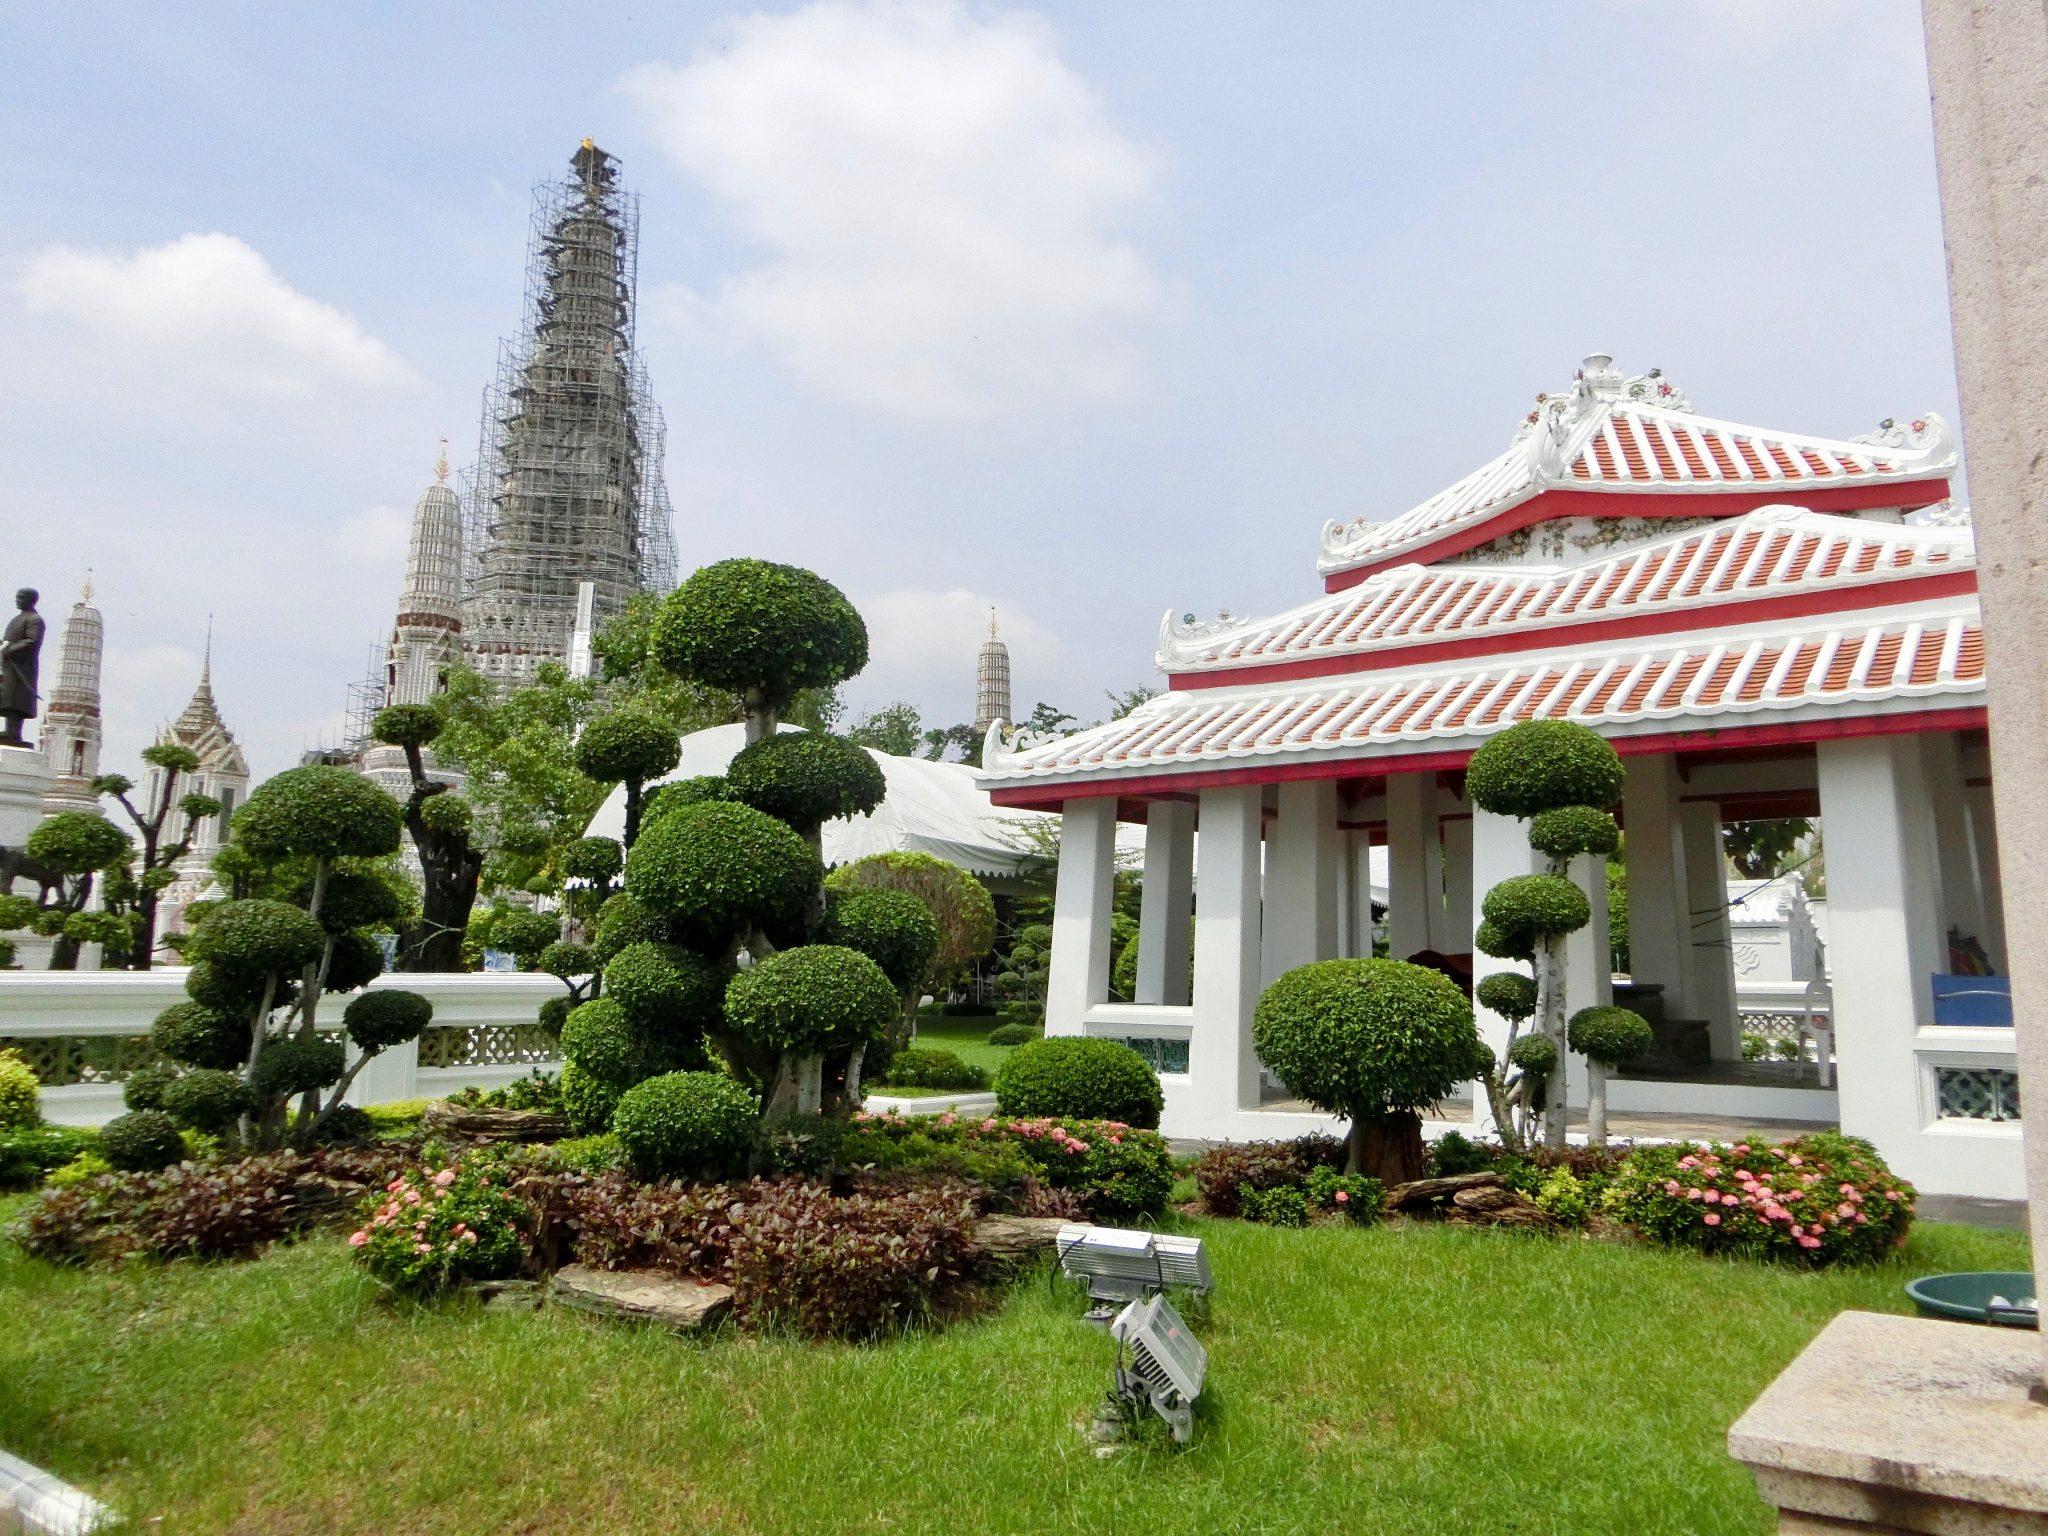 Thailand, Bangkok: Bonsaigarten im Tempelgelände vom Wat Arun